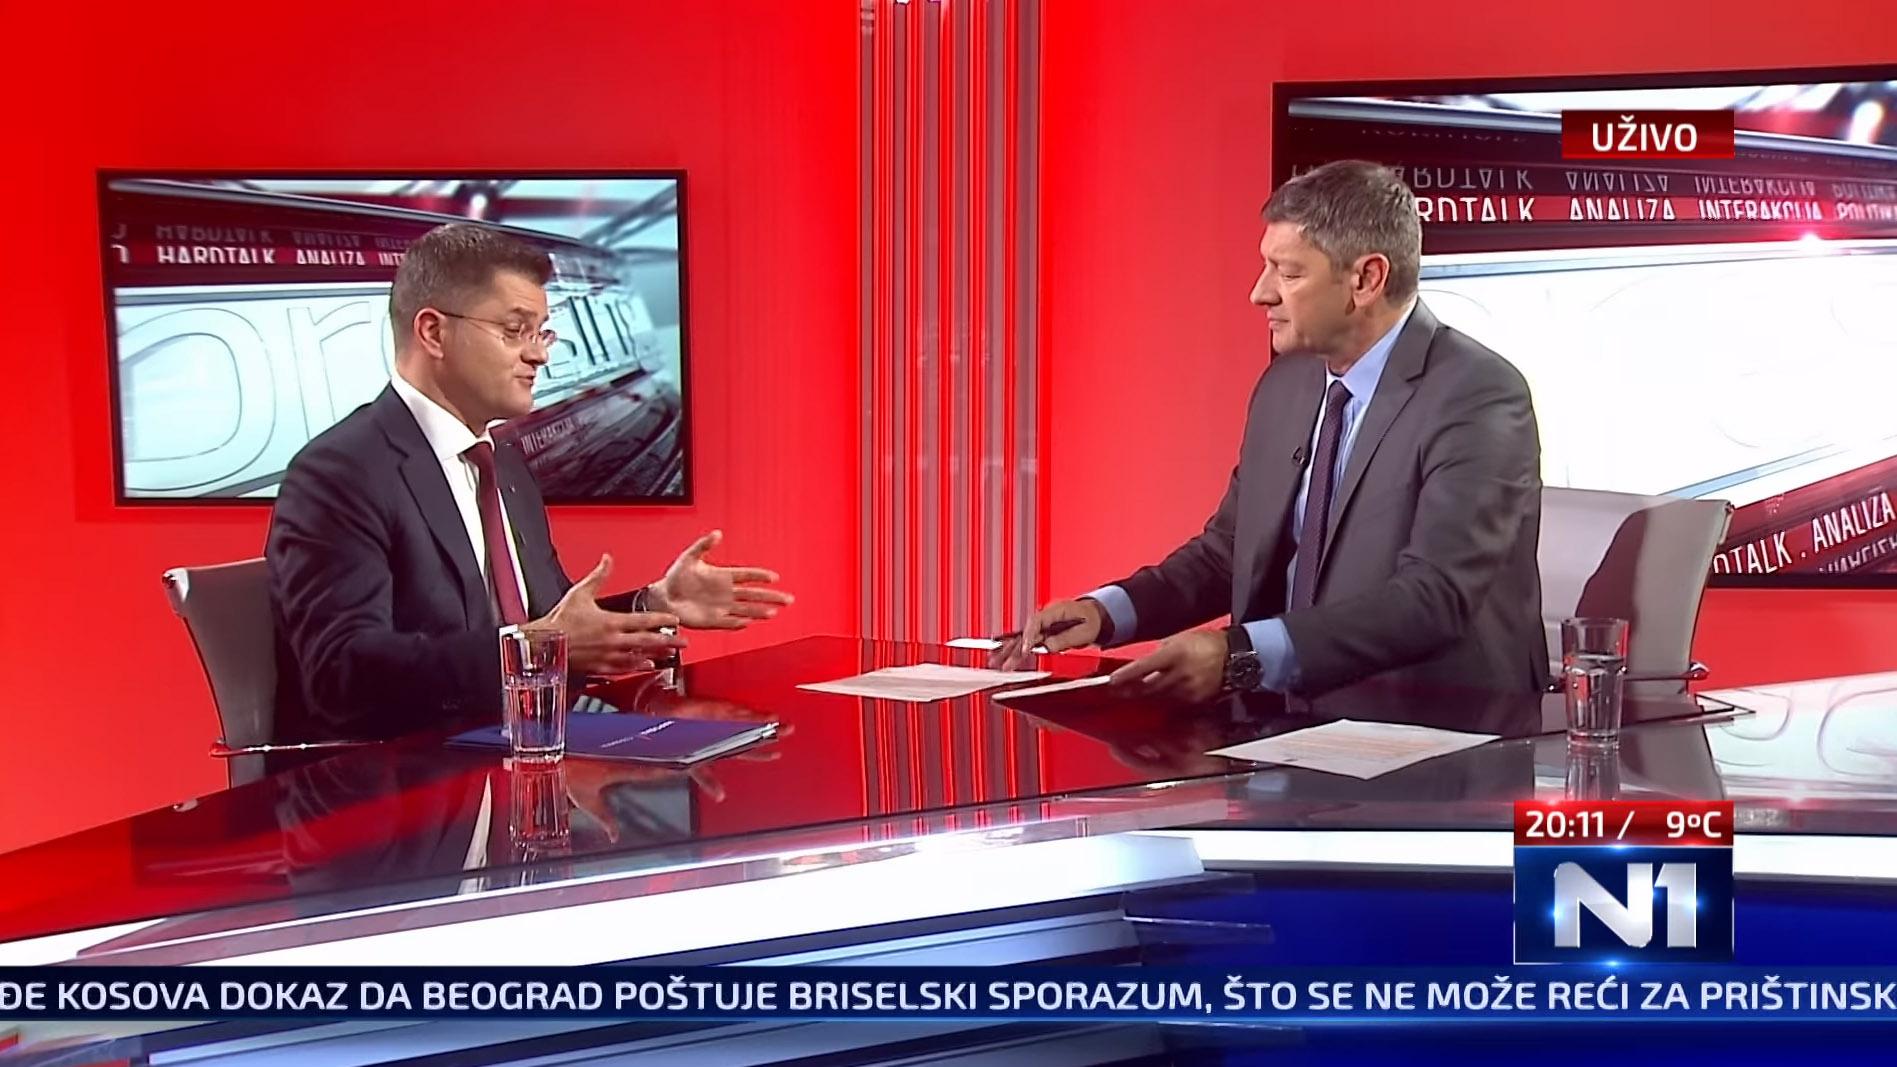 Јеремић: Власт 2018. потписује споразум и Косово улази у УН